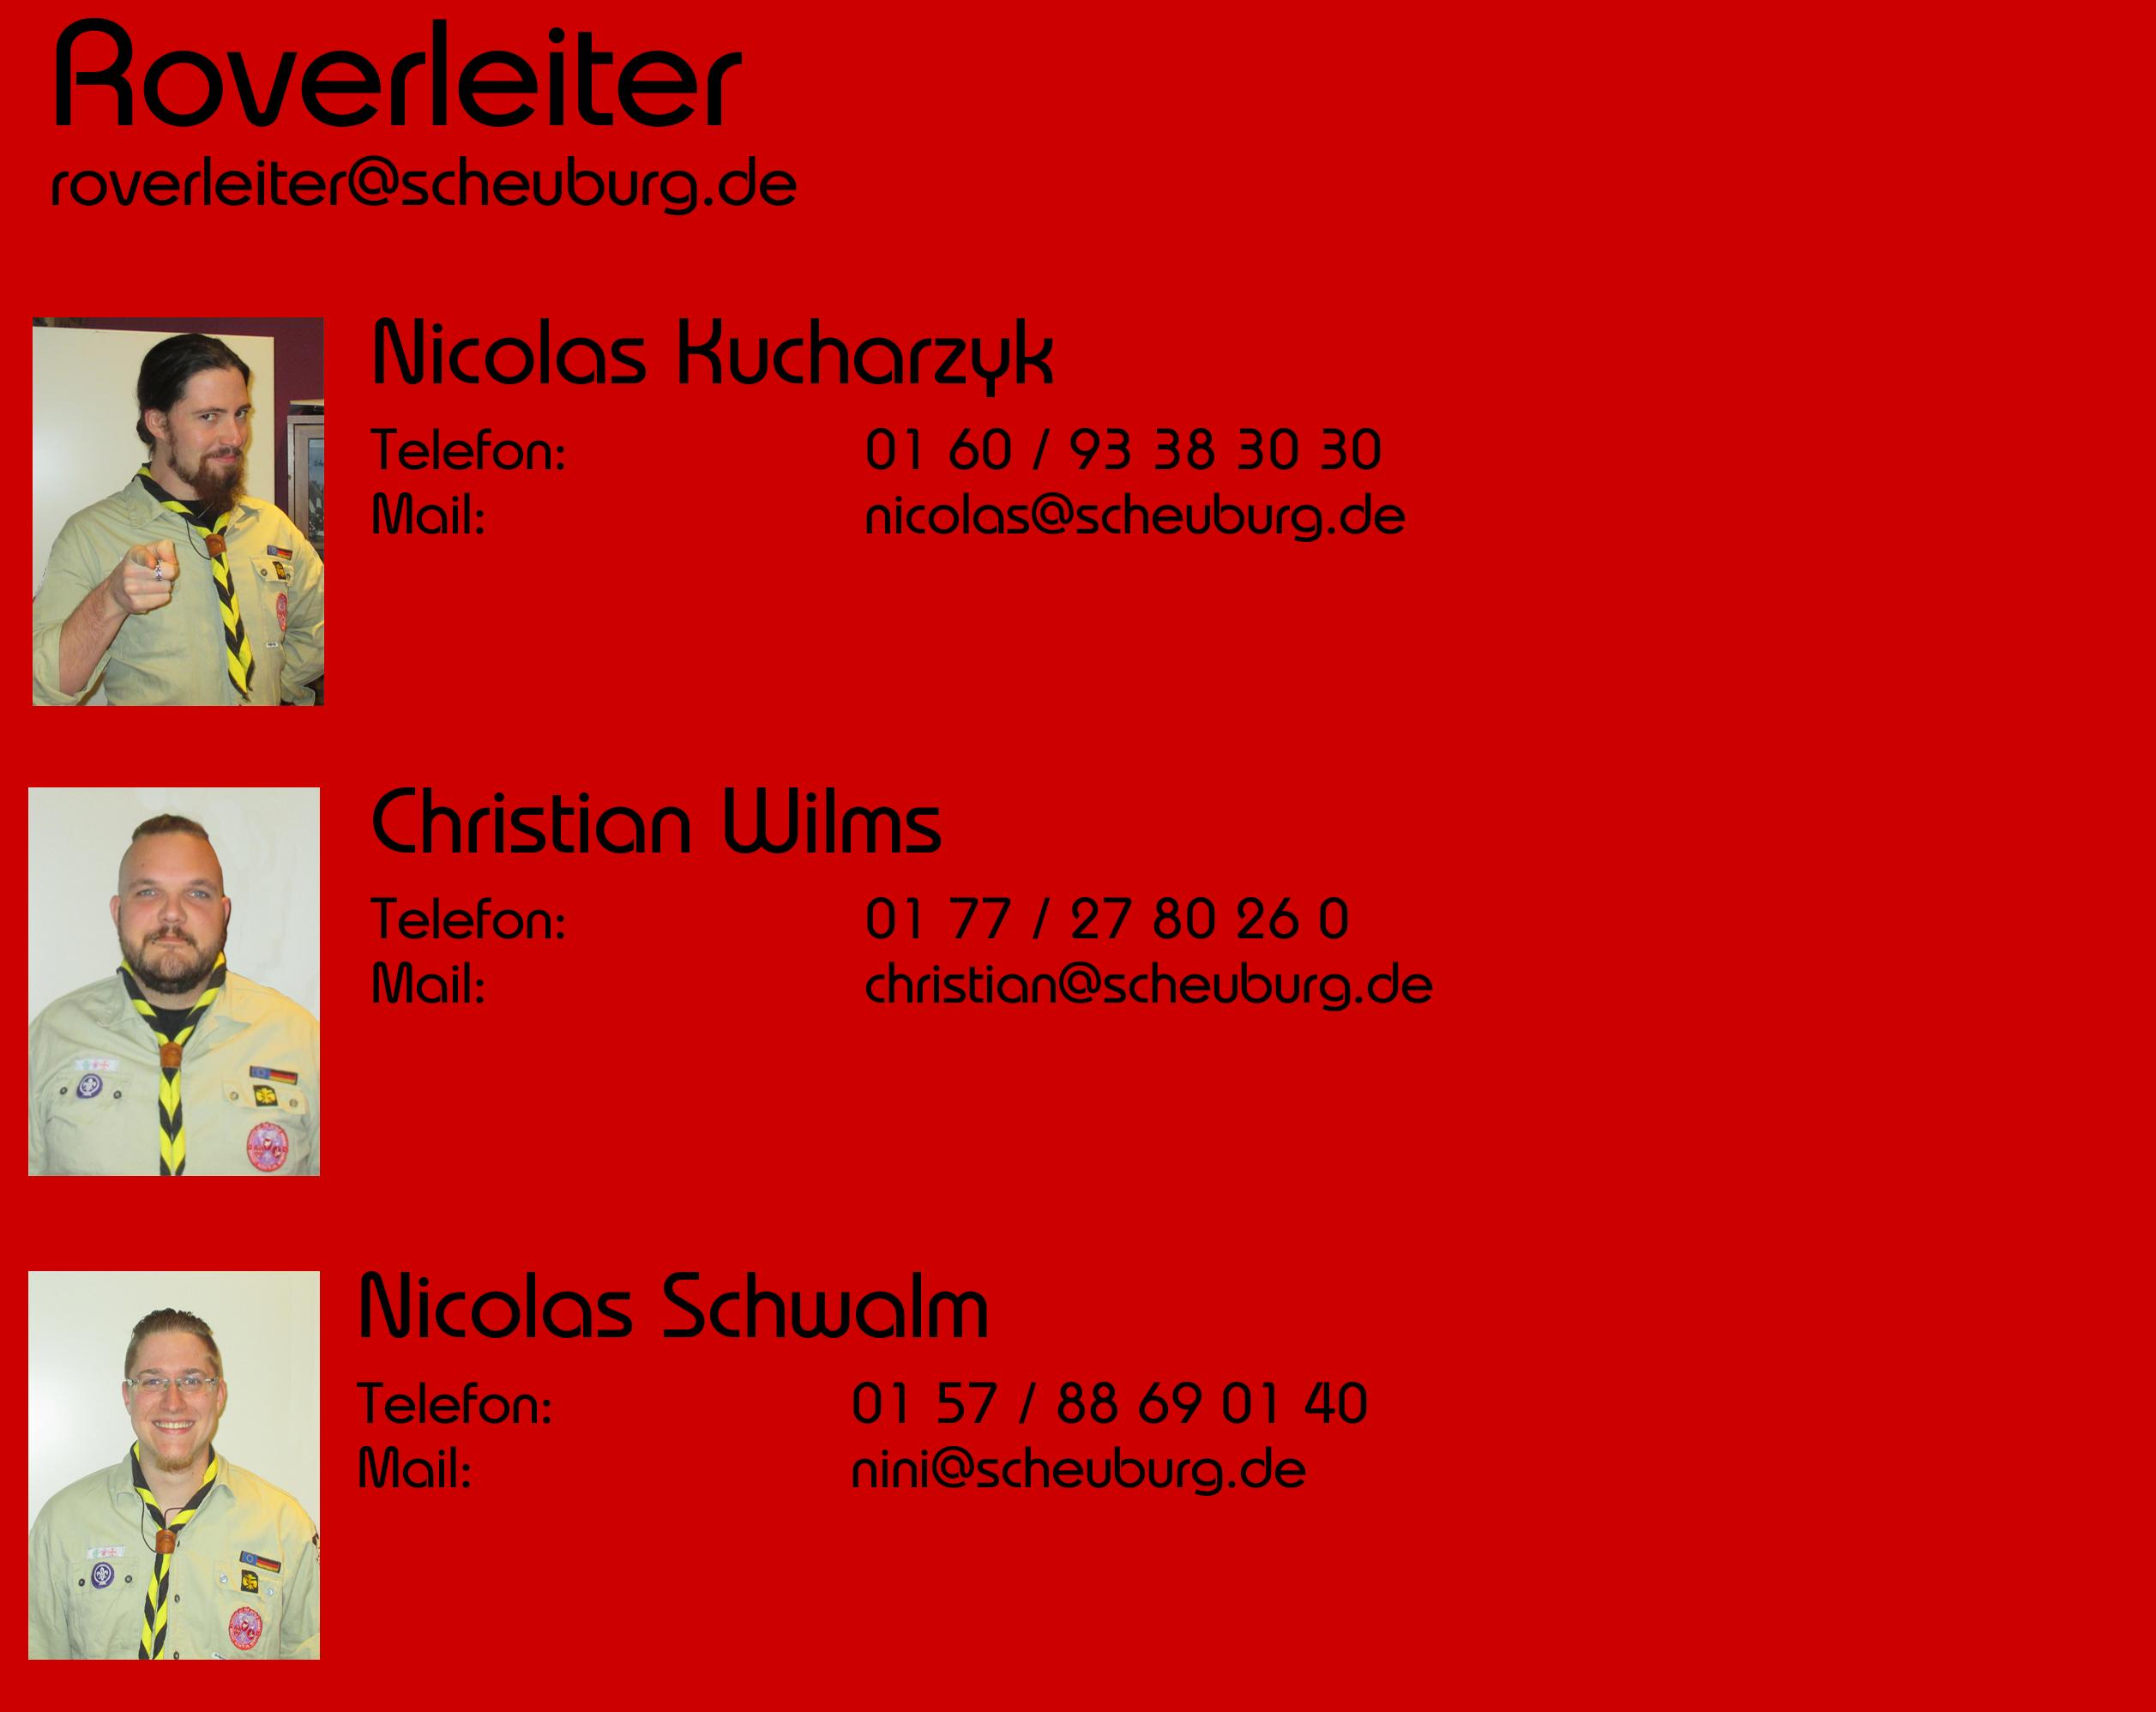 Roverleiter